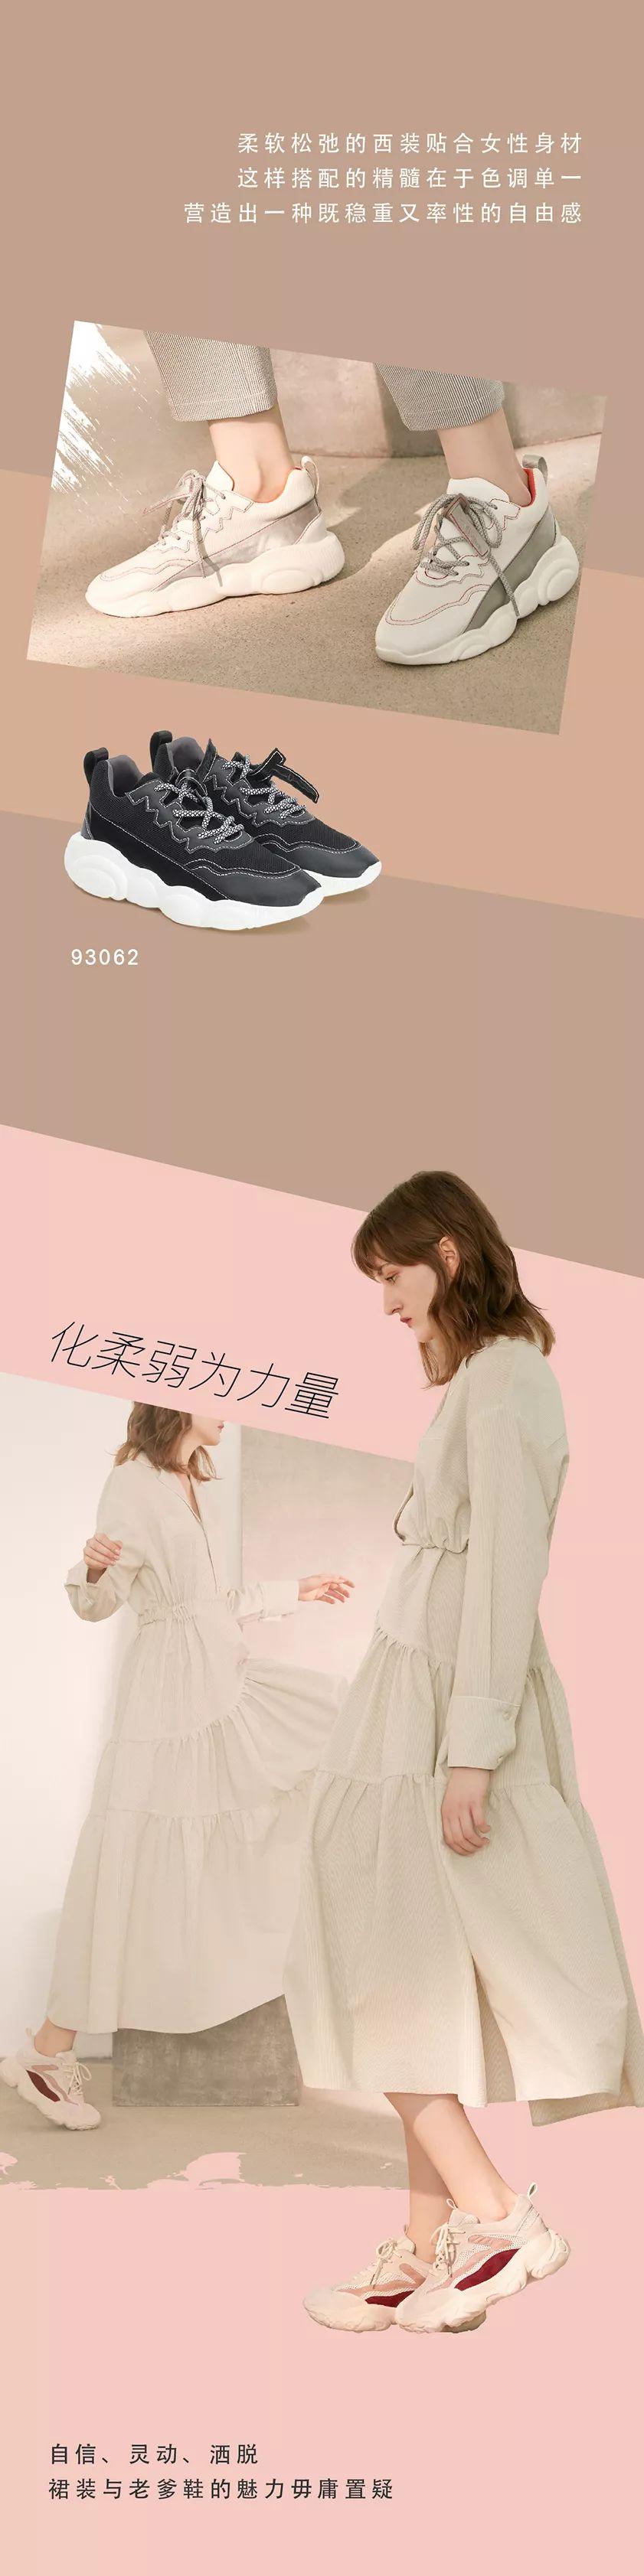 实名慕了,欧阳娜娜鞋柜里的运动鞋太太太好看了 imeee.net